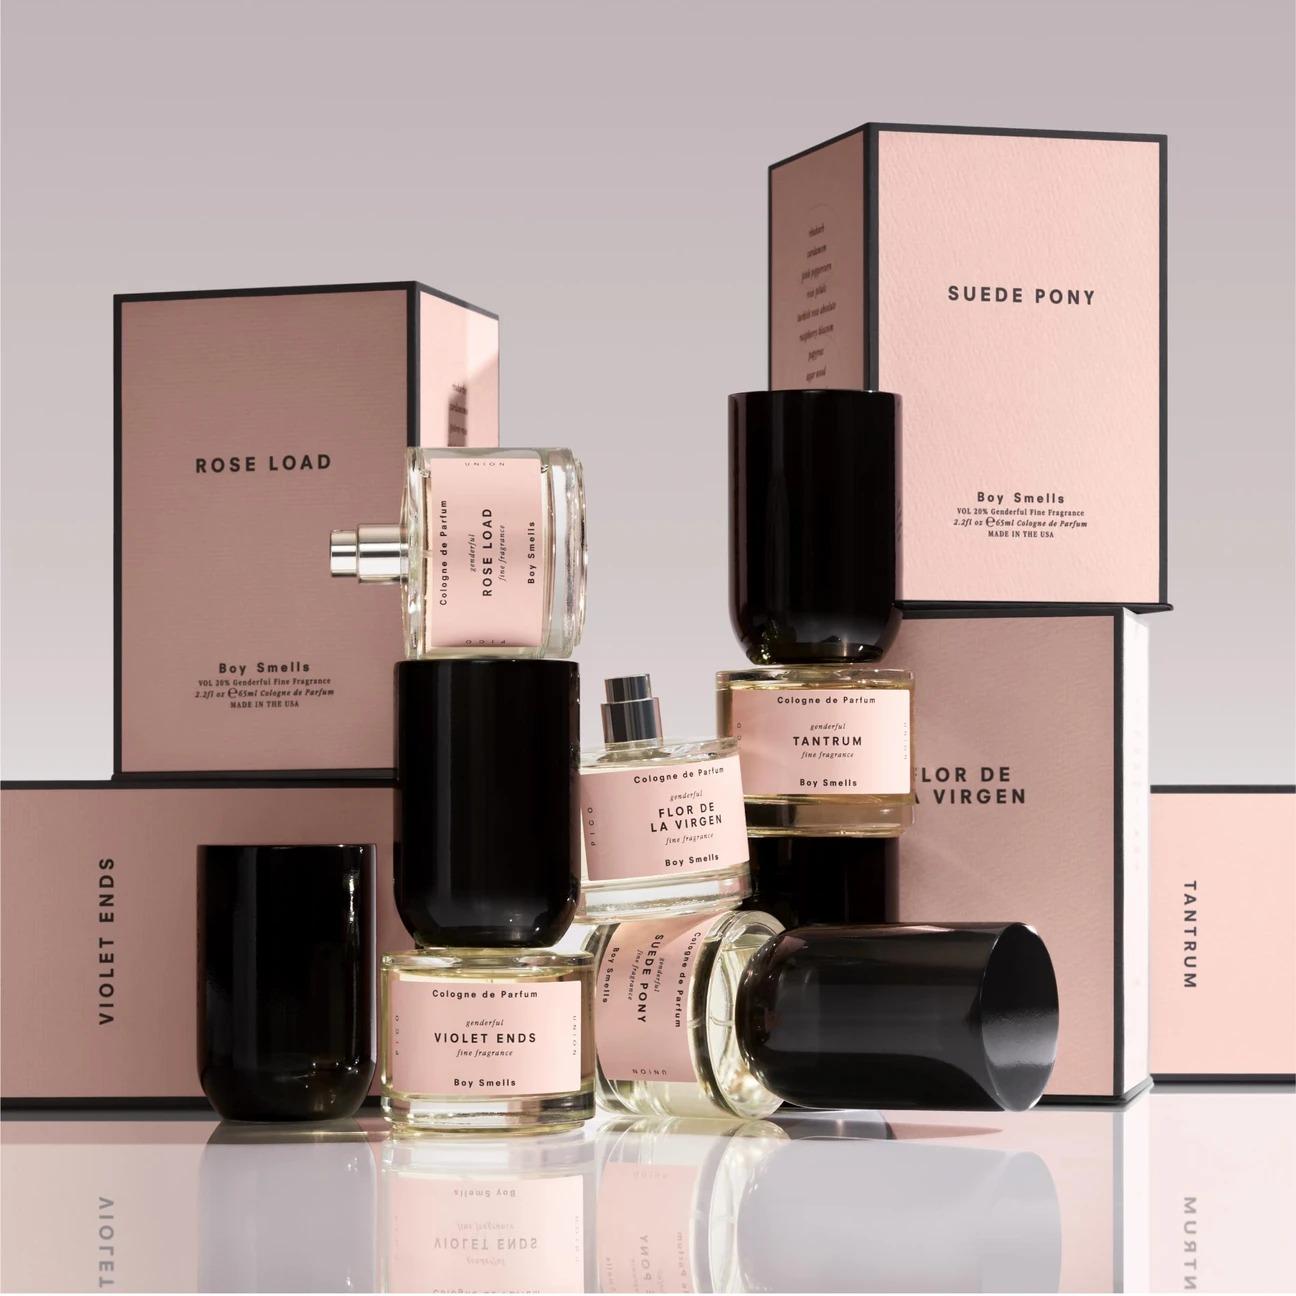 Boy Smells Cologne de Parfum Exploratory Set